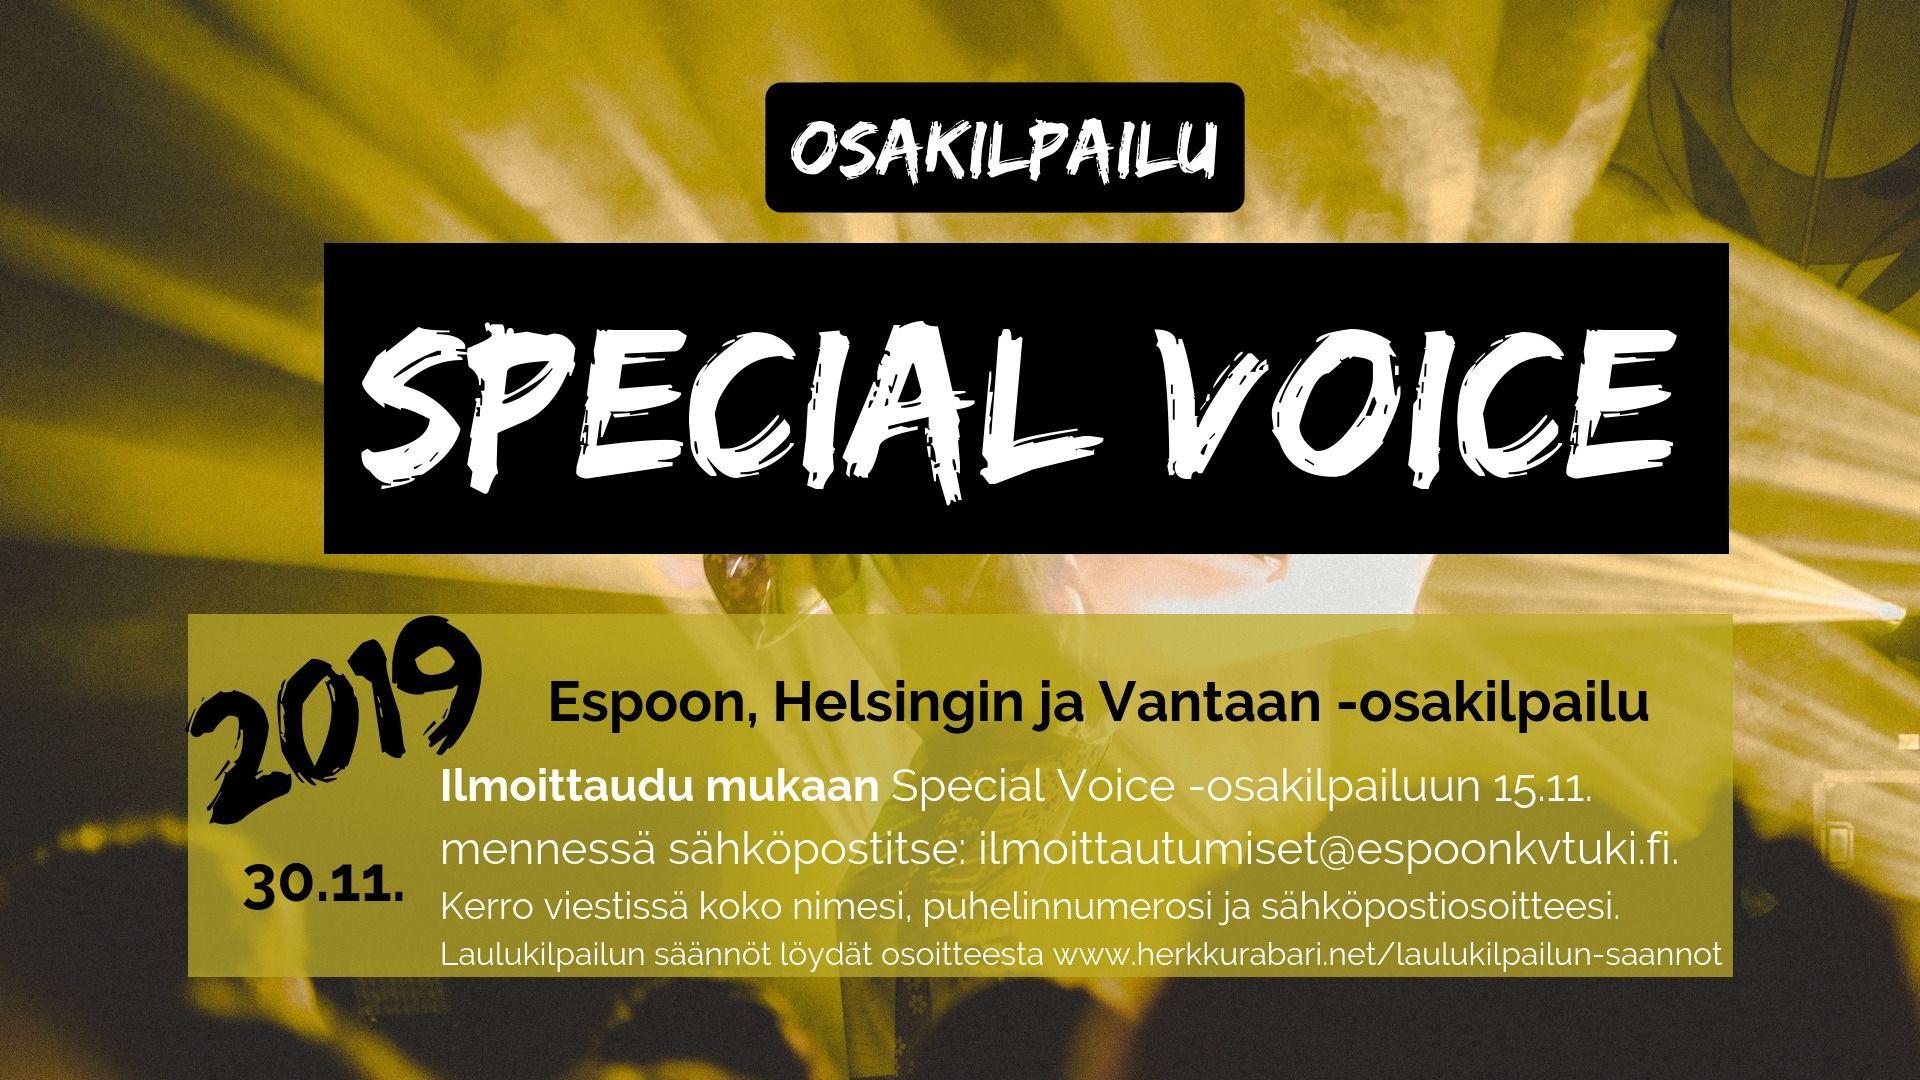 Special VOICE Osakilpailu